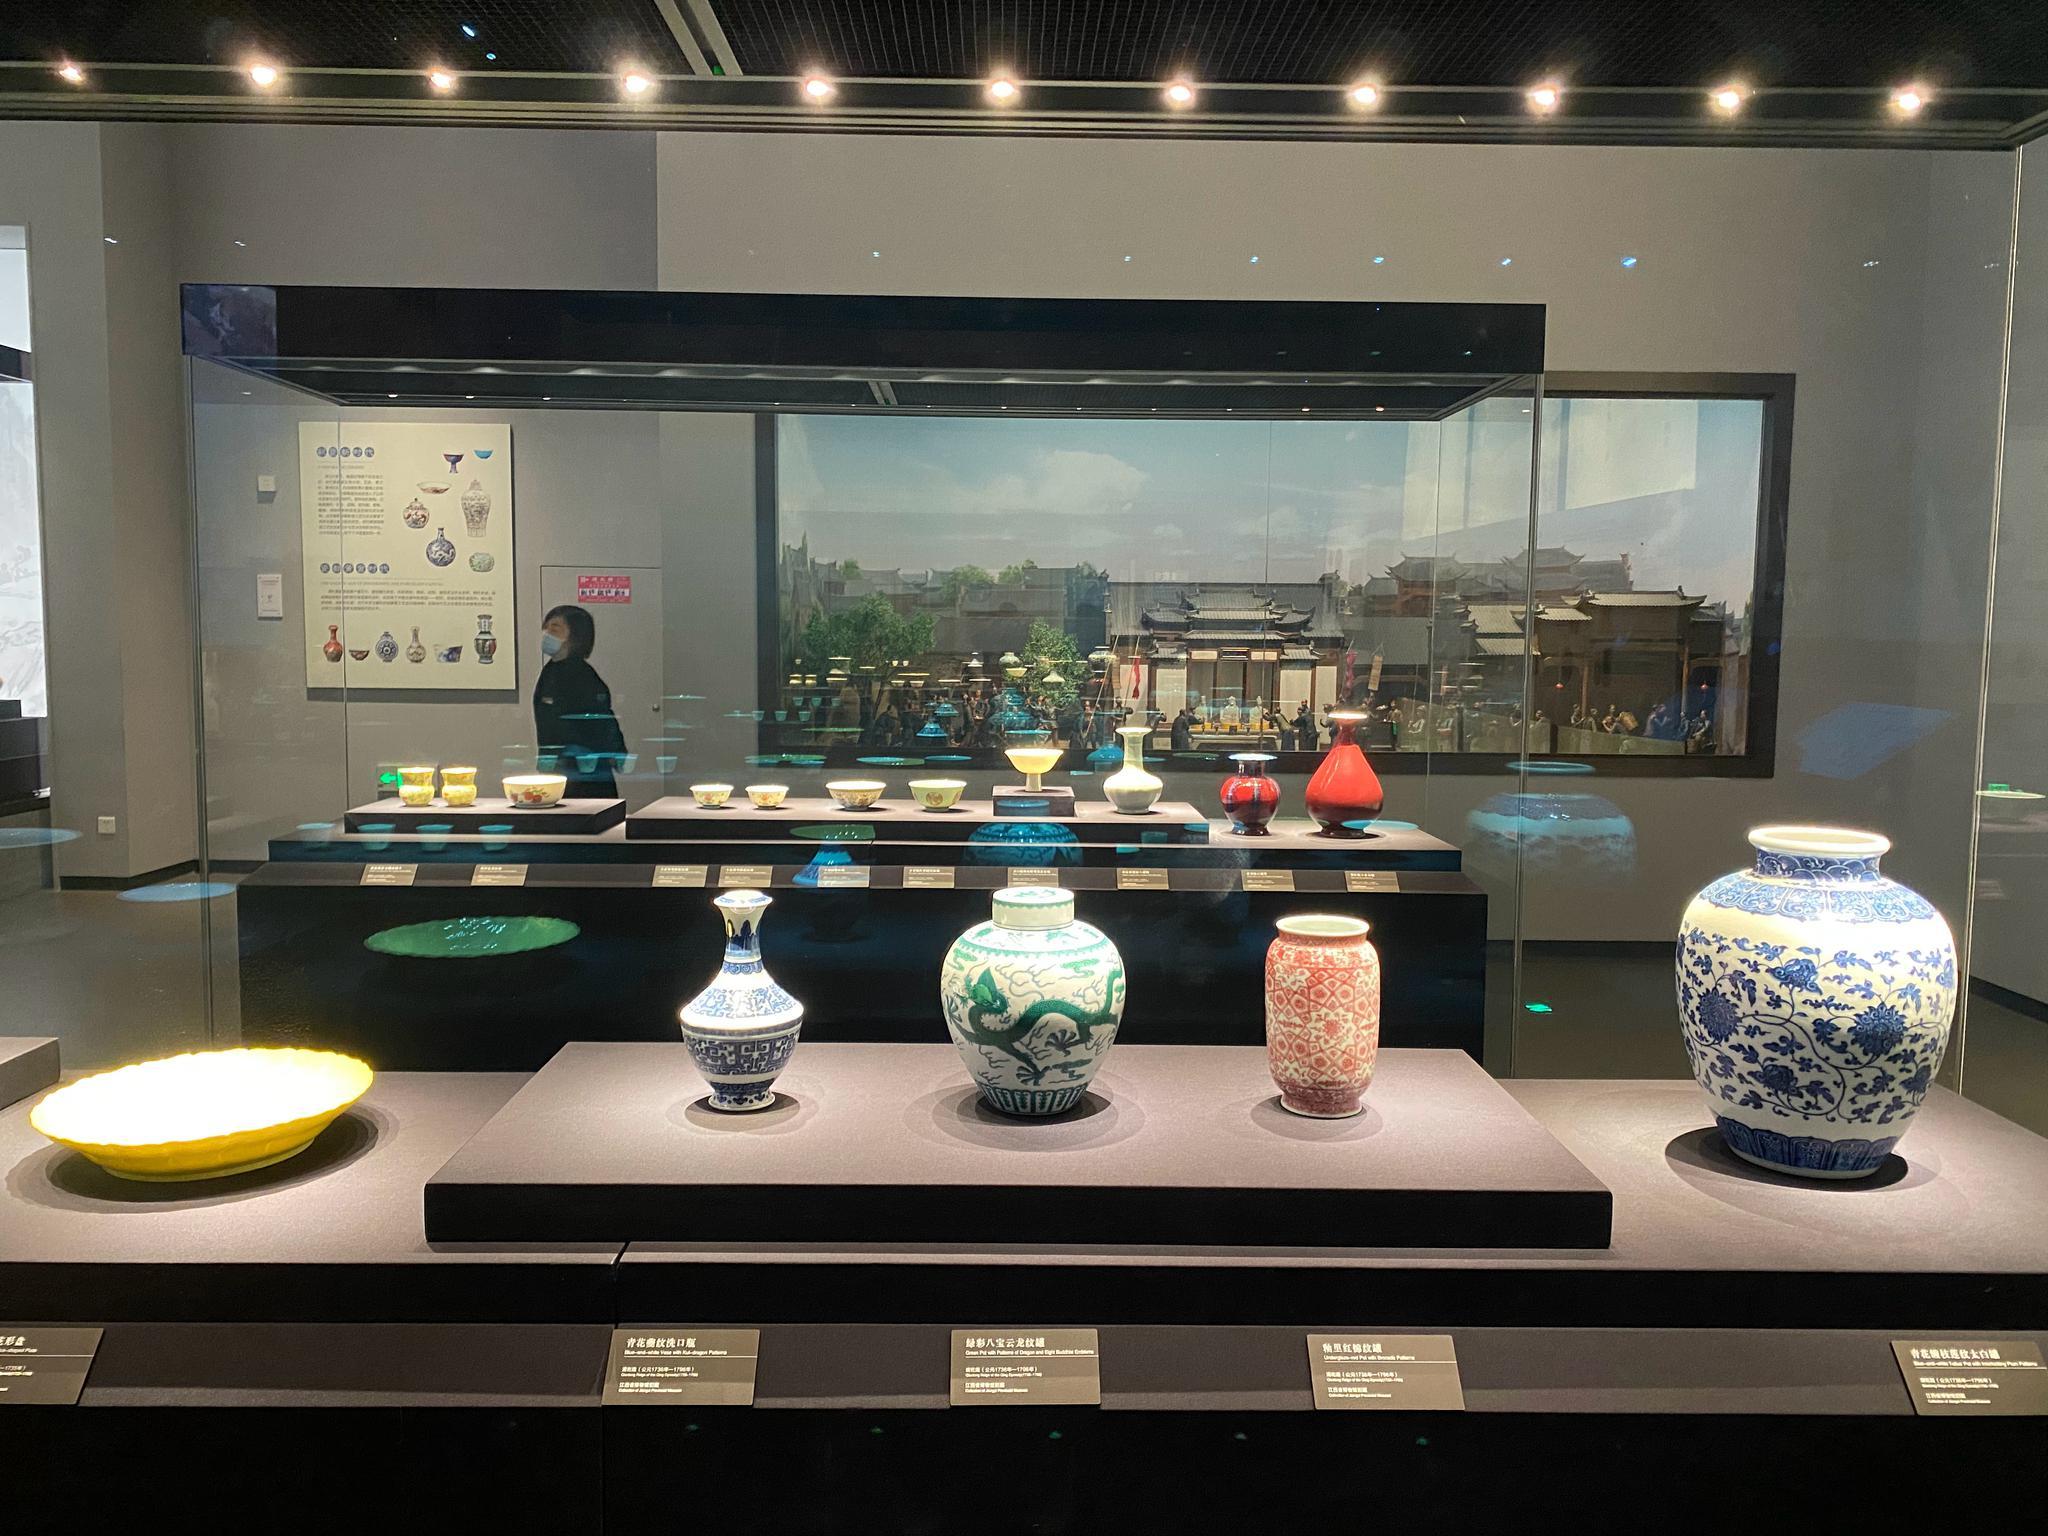 江西省博物馆的瓷器展厅